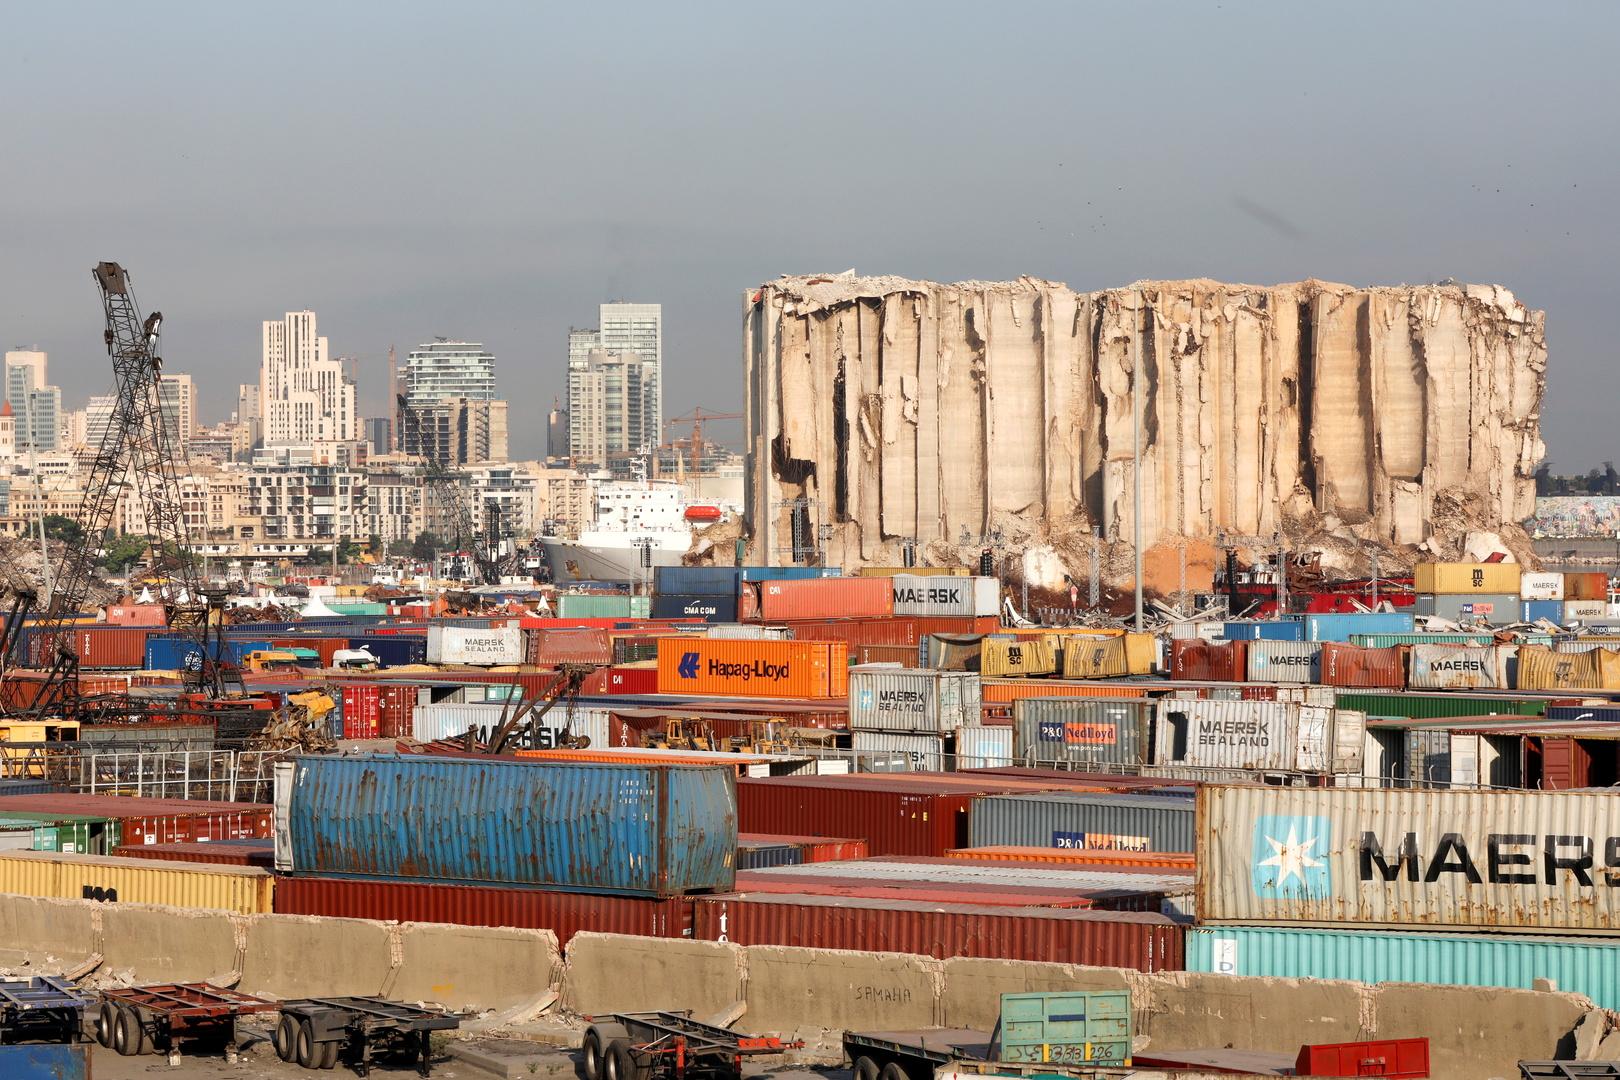 مجلس الأمن يرحب بتشكيل حكومة لبنانية جديدة ويدعو لتحقيق مستقل في انفجار مرفأ بيروت